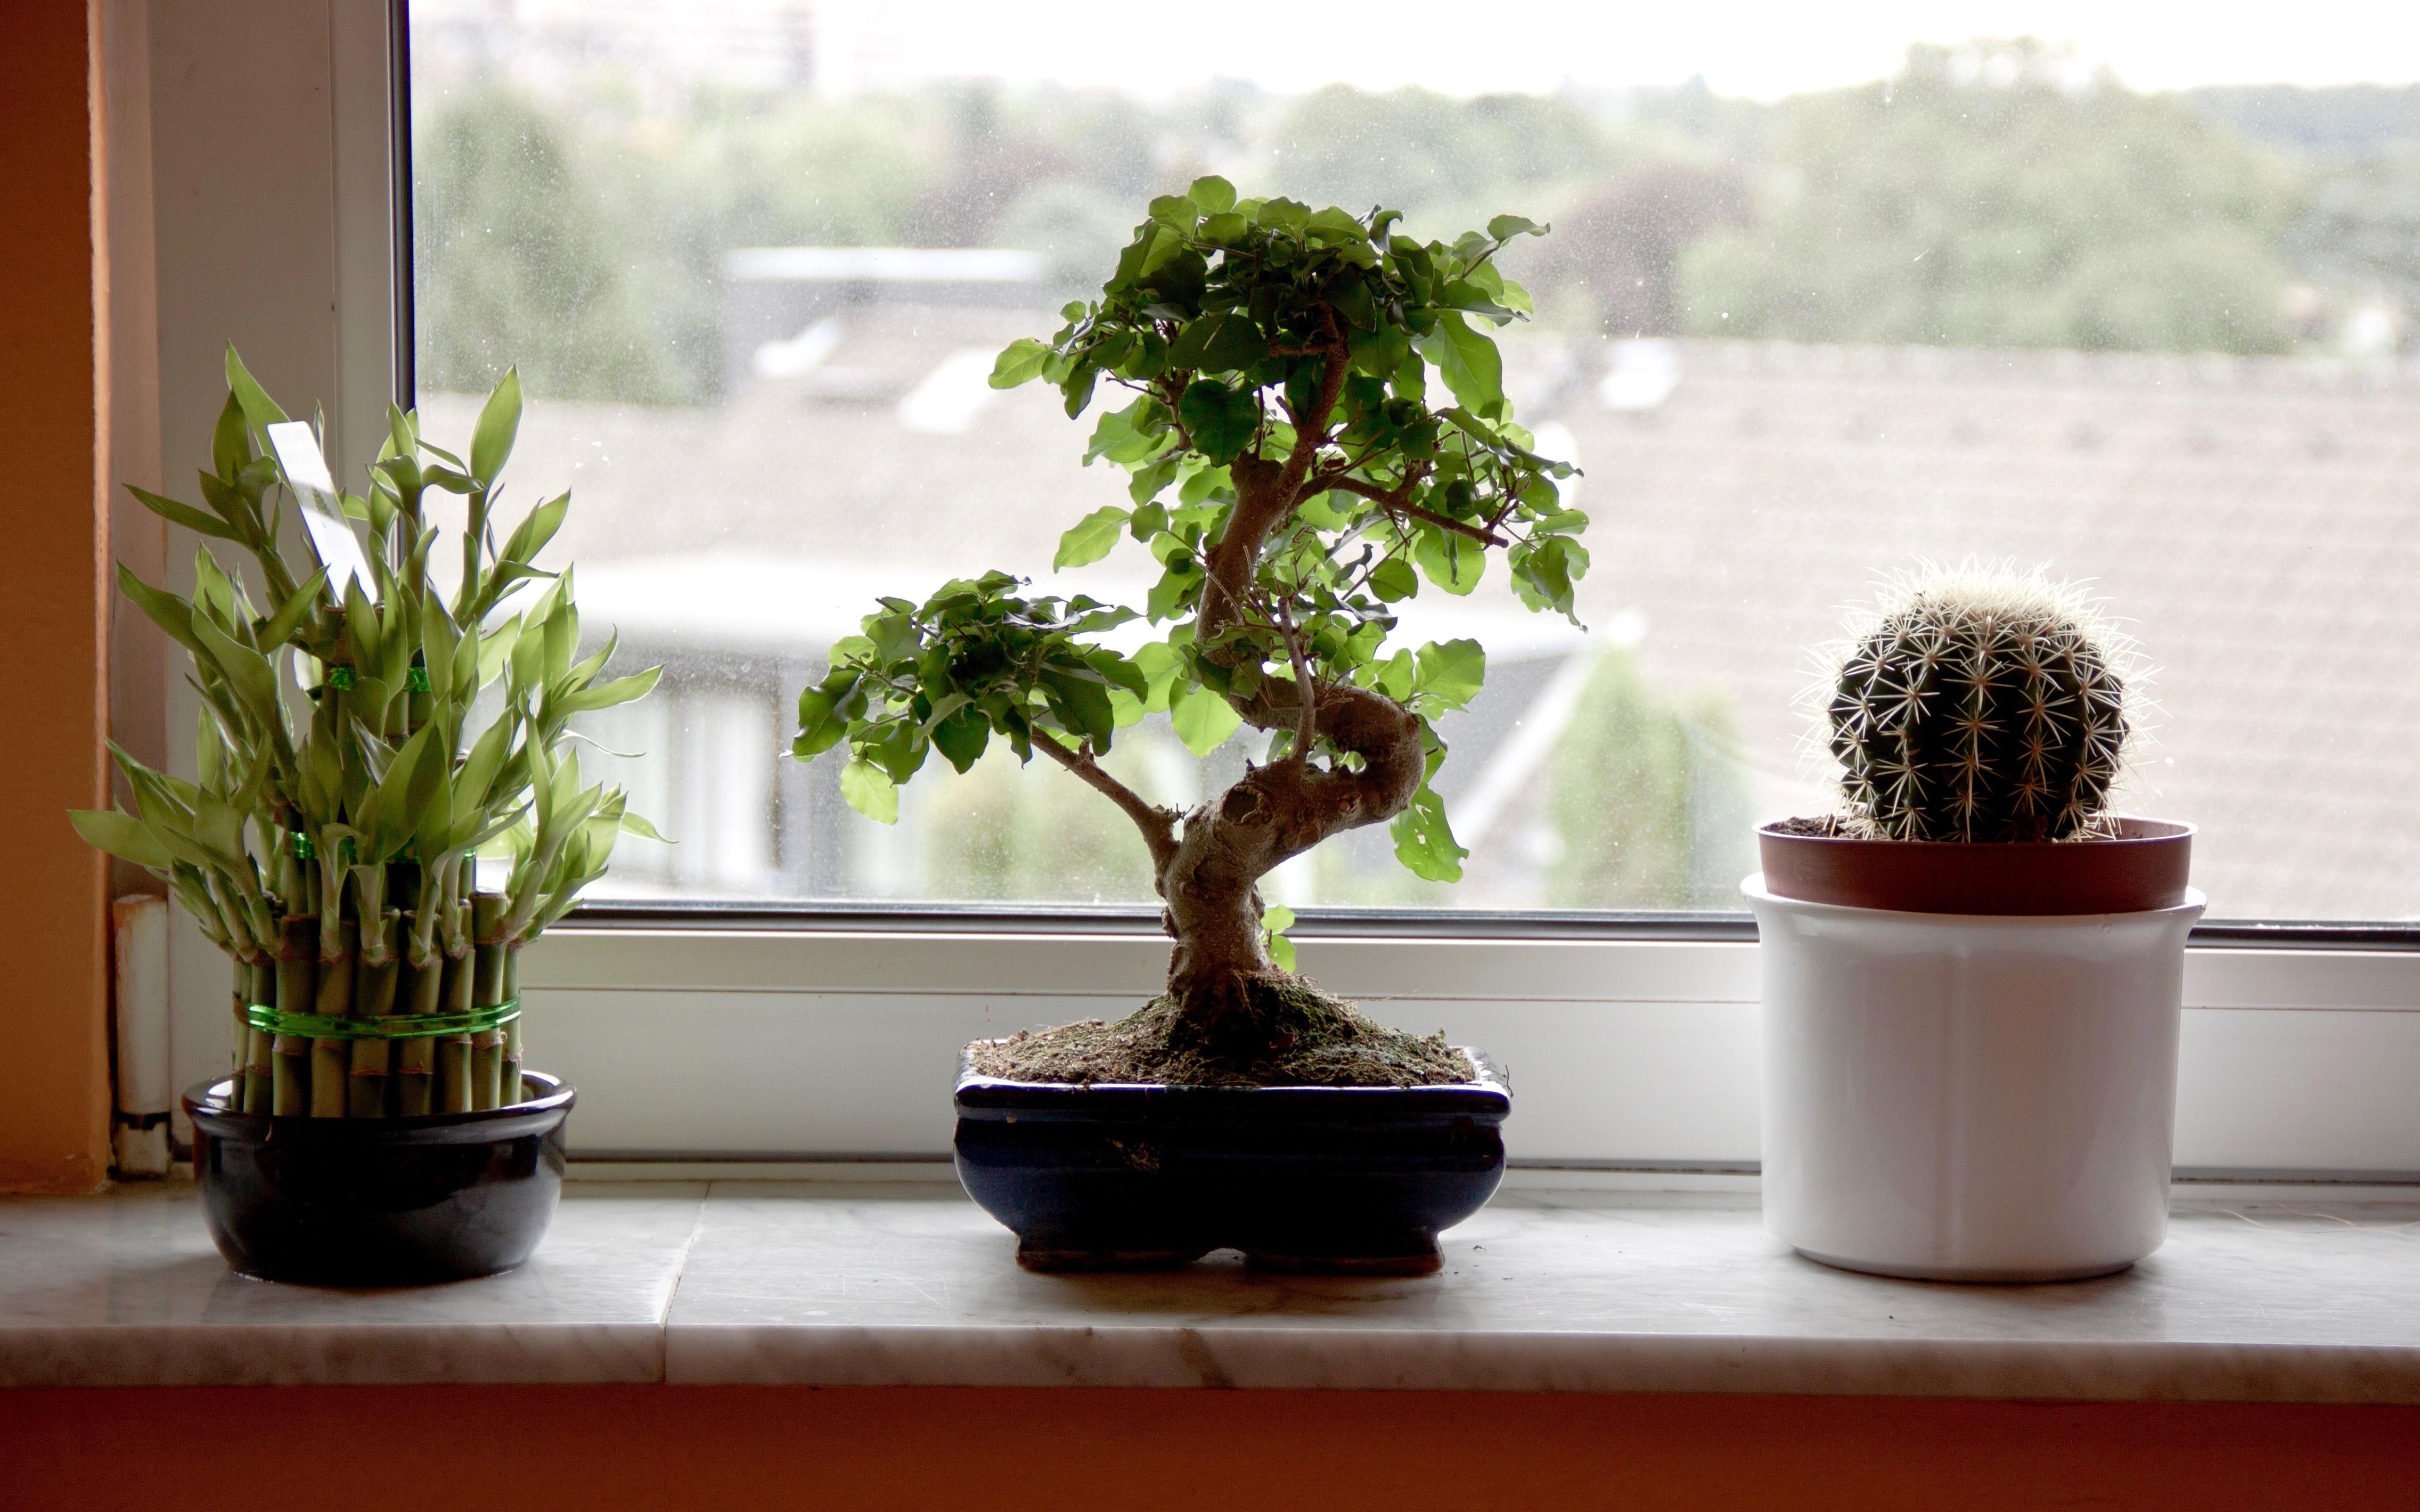 Cependant, une fois fusionné avec la pratique du bonsaï, le minuscule arbuste ressemble beaucoup à la forme d'un bambou miniature, ce qui est tout à fait harmonieux et enchanteur.